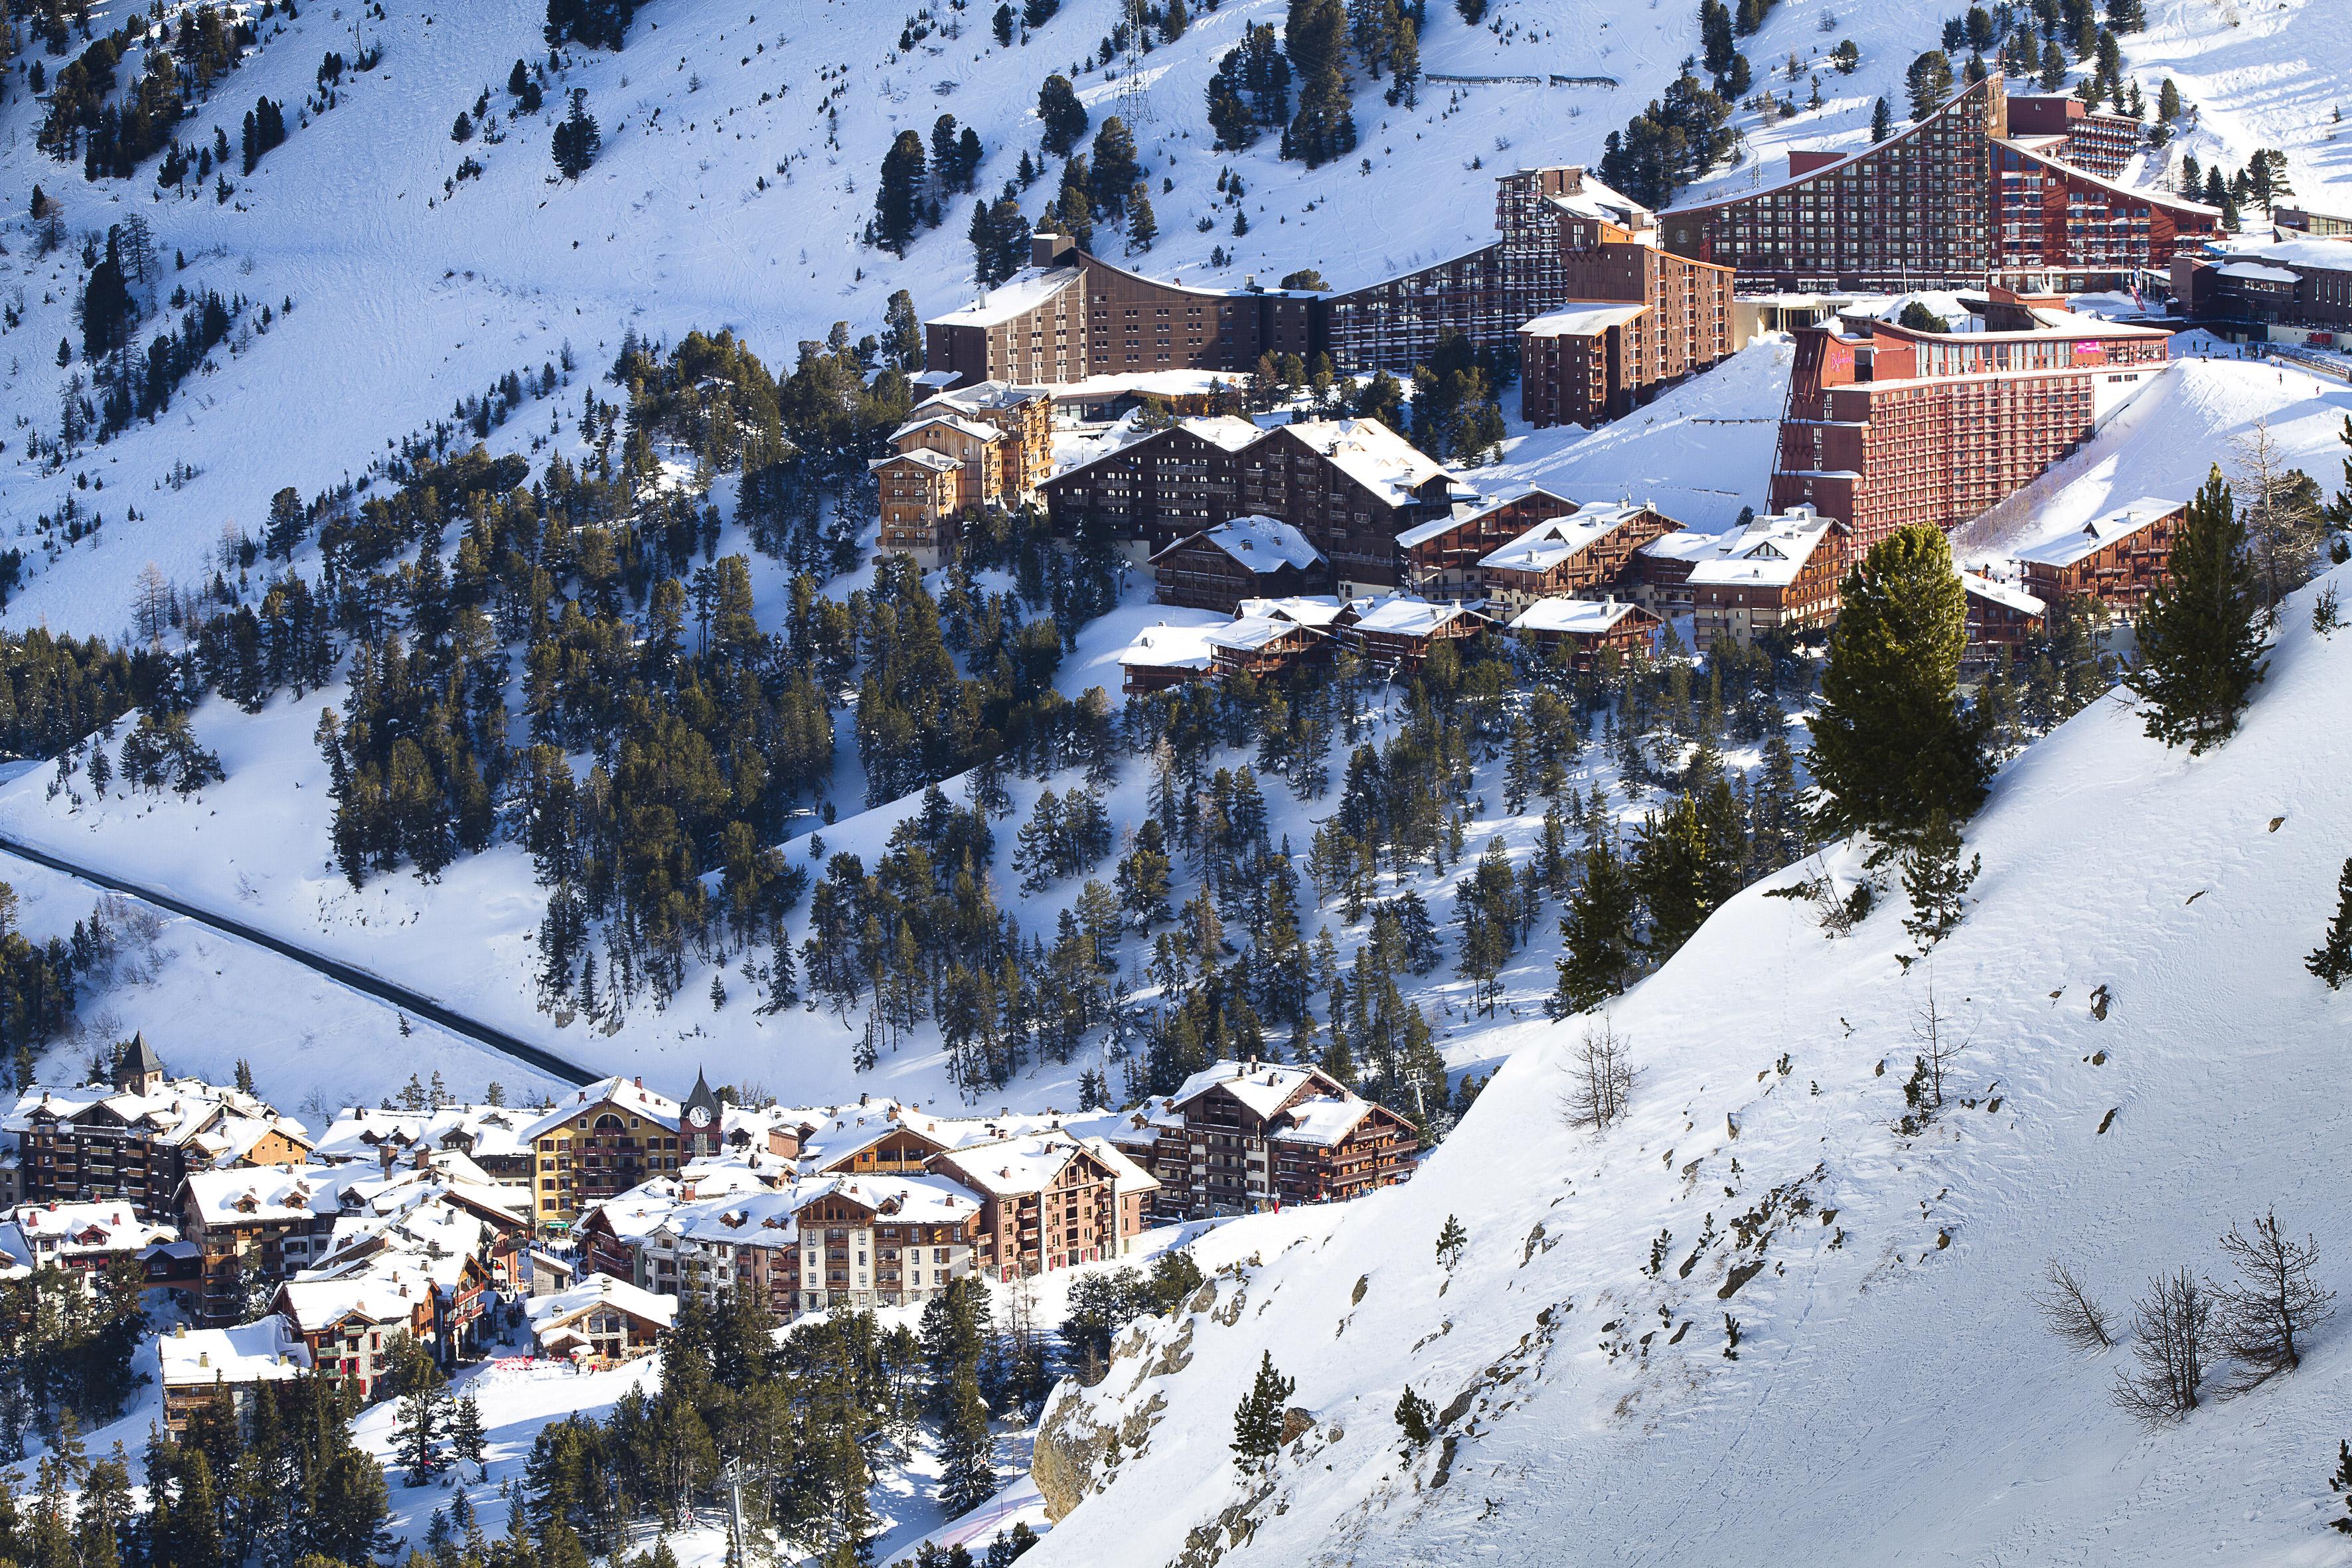 Auvergne rh ne alpes tourisme les arcs bourg saint maurice - Bourg saint maurice office du tourisme ...